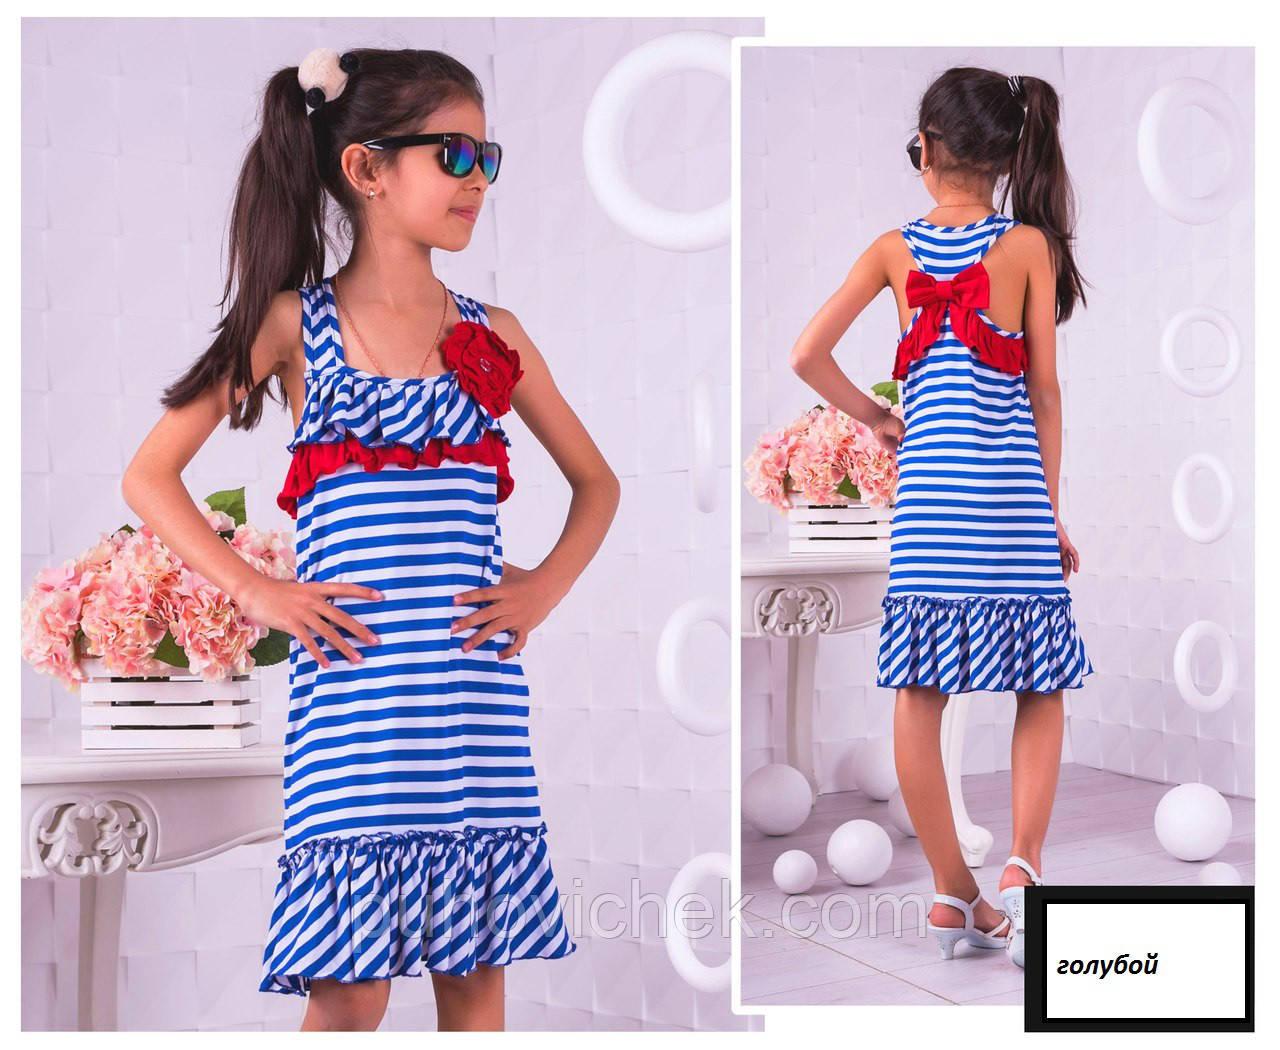 7f26fb8e71d Летние сарафаны для девочек стильные интернет магазин - Интернет магазин  Линия одежды в Харькове